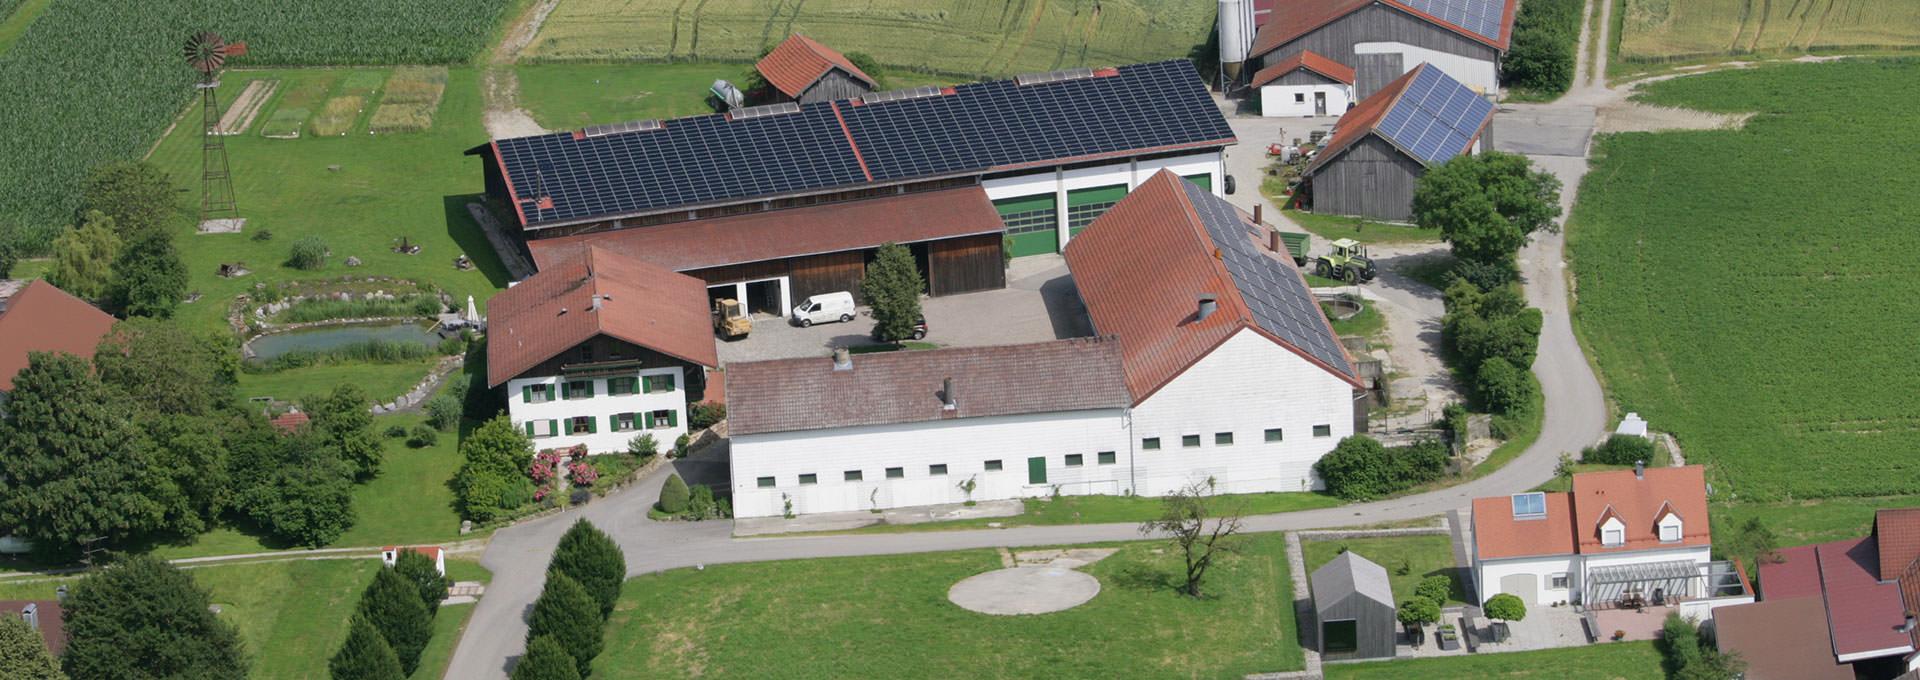 Hofbauernhof-Schemmer-Luftaufnahme